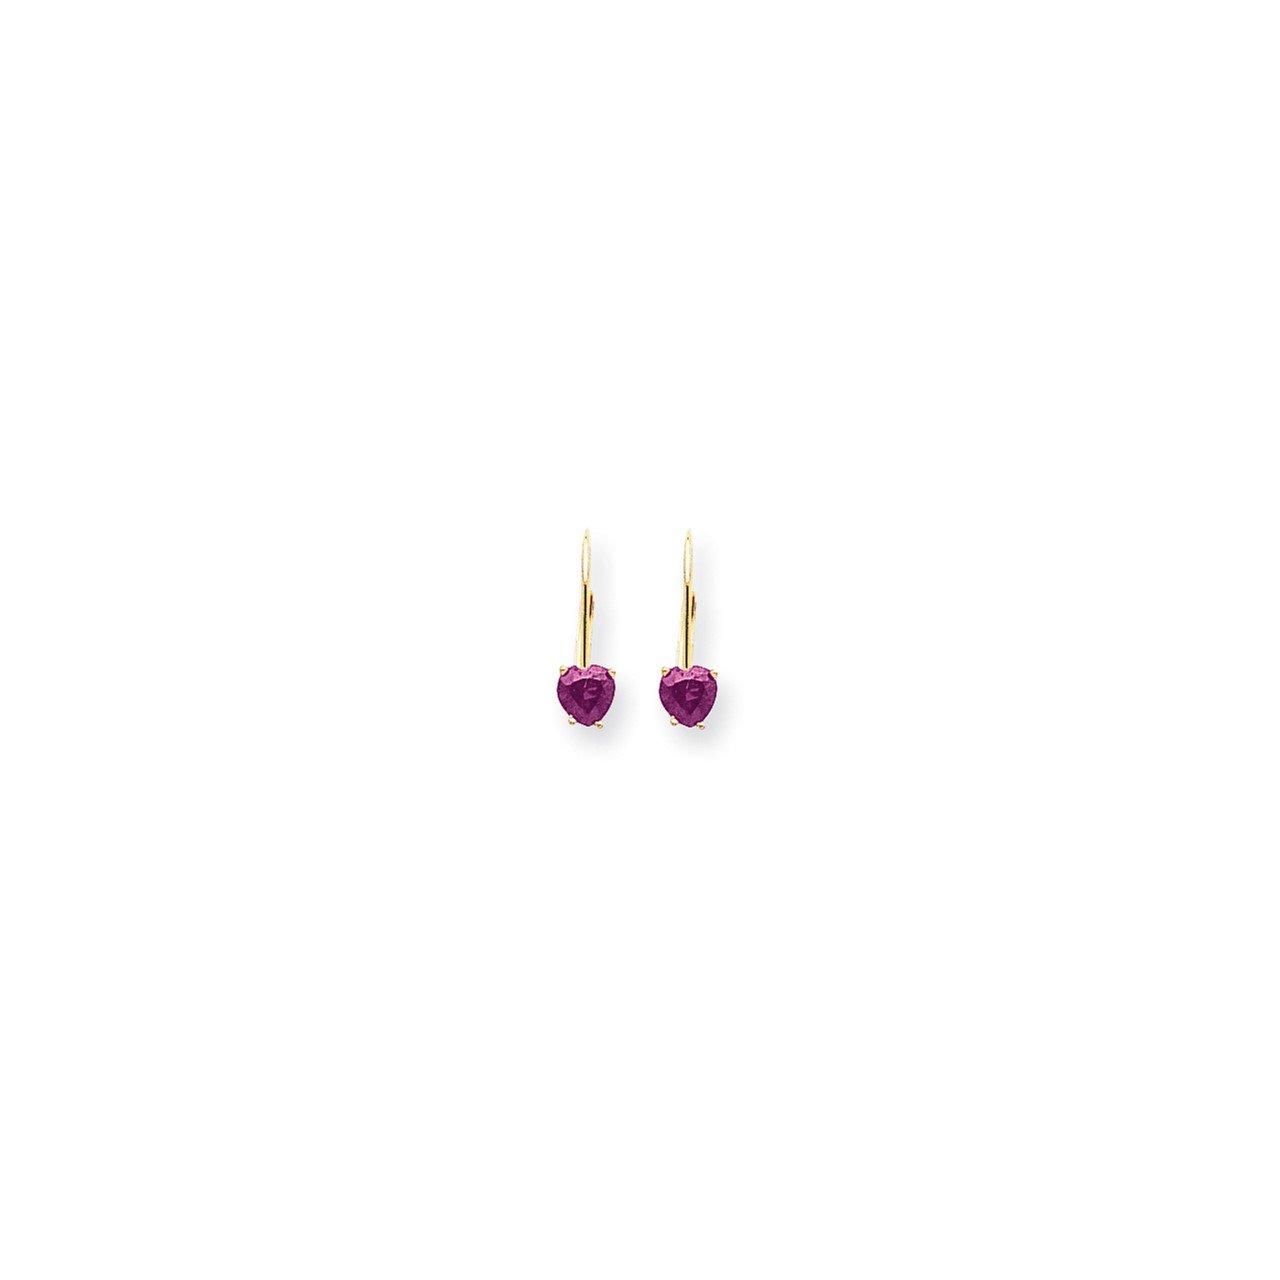 14k 5mm Heart Pink Sapphire earring